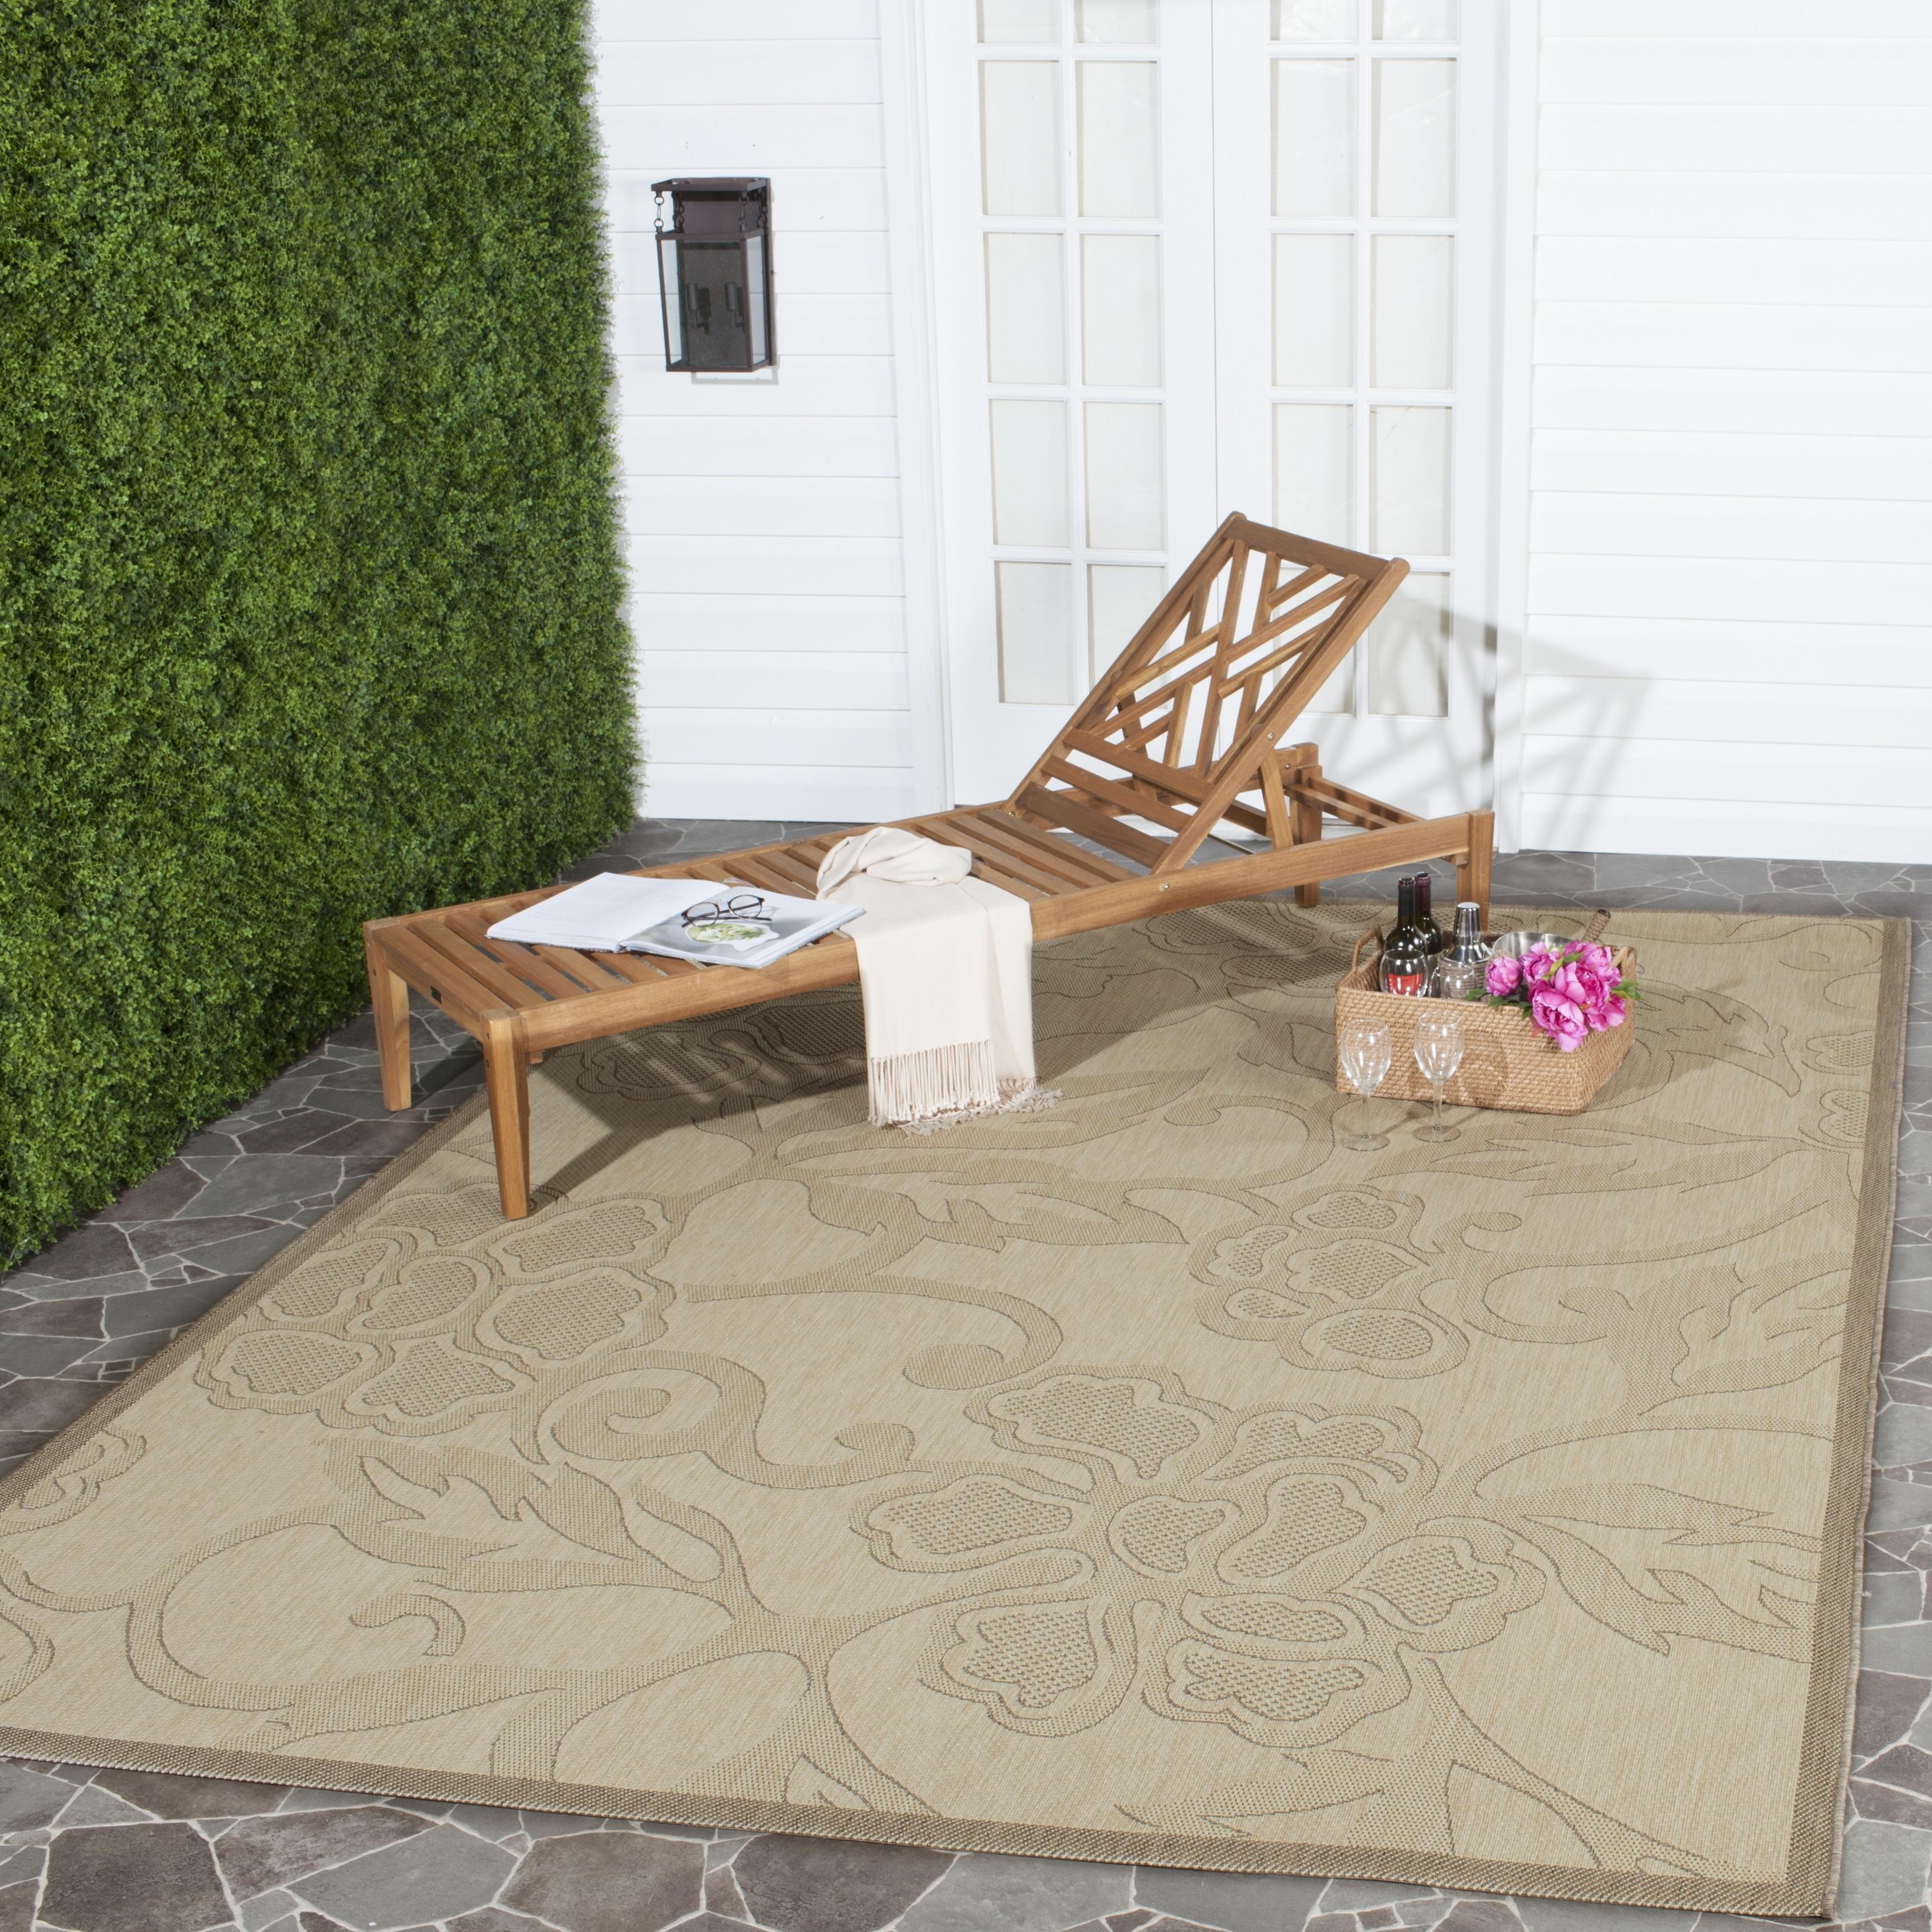 Safavieh Courtyard Helen Floral Geometric Indoor/Outdoor Area Rug